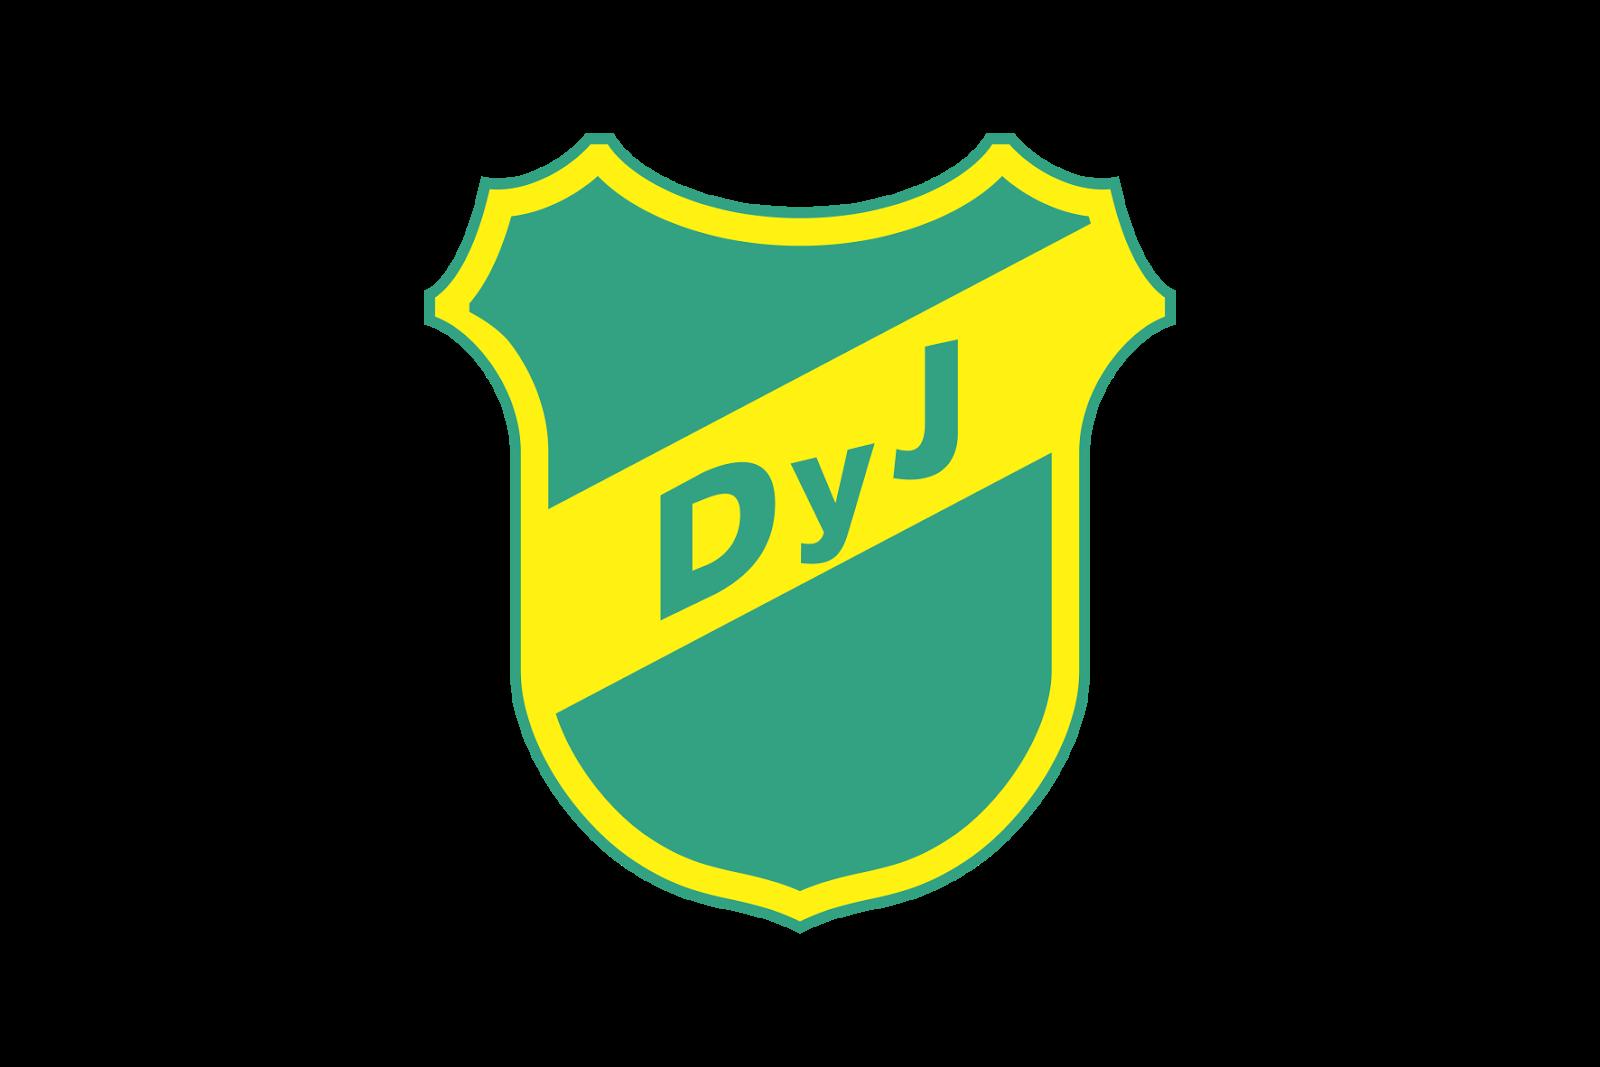 Csd Defensa Y Justicia Logo